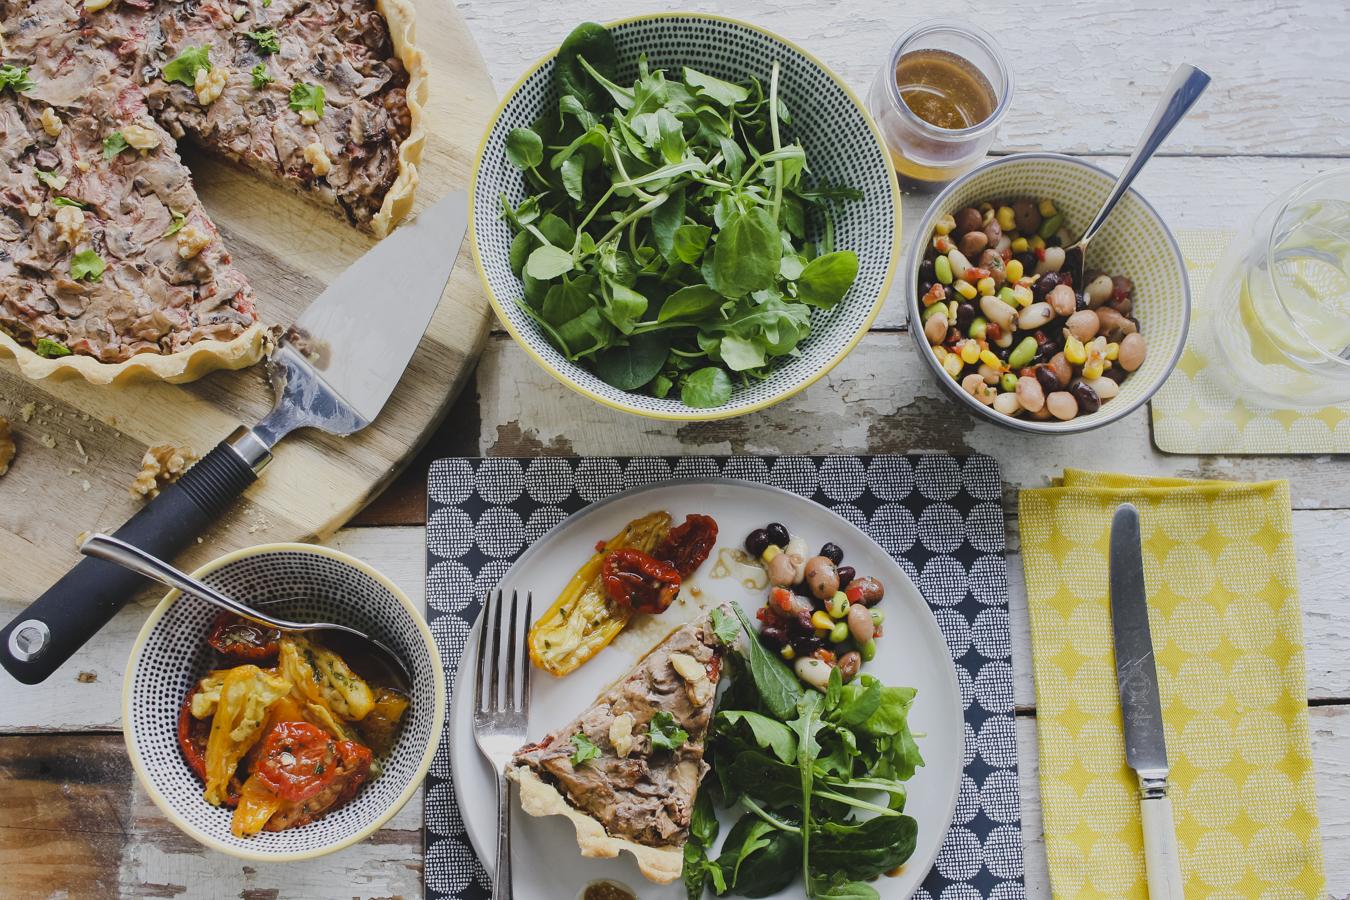 Vegan Mushroom, Roasted Pepper and Walnut Tart on feedingboys.co.uk